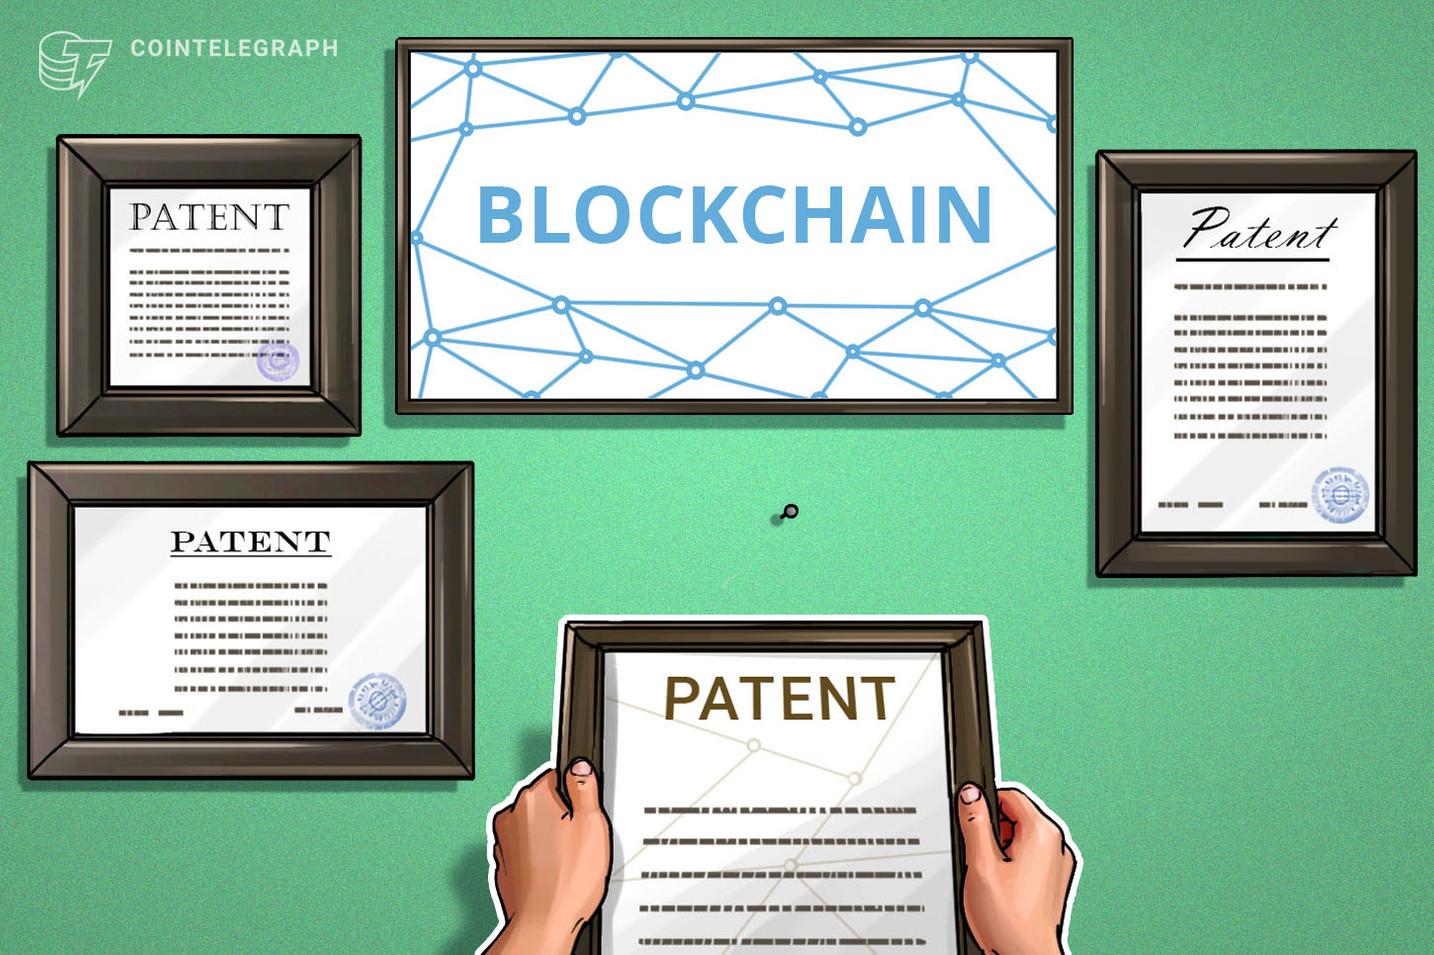 Gigante farmacéutico global Merck gana una patente en EE. UU. de blockchain e IA para la autenticidad de productos